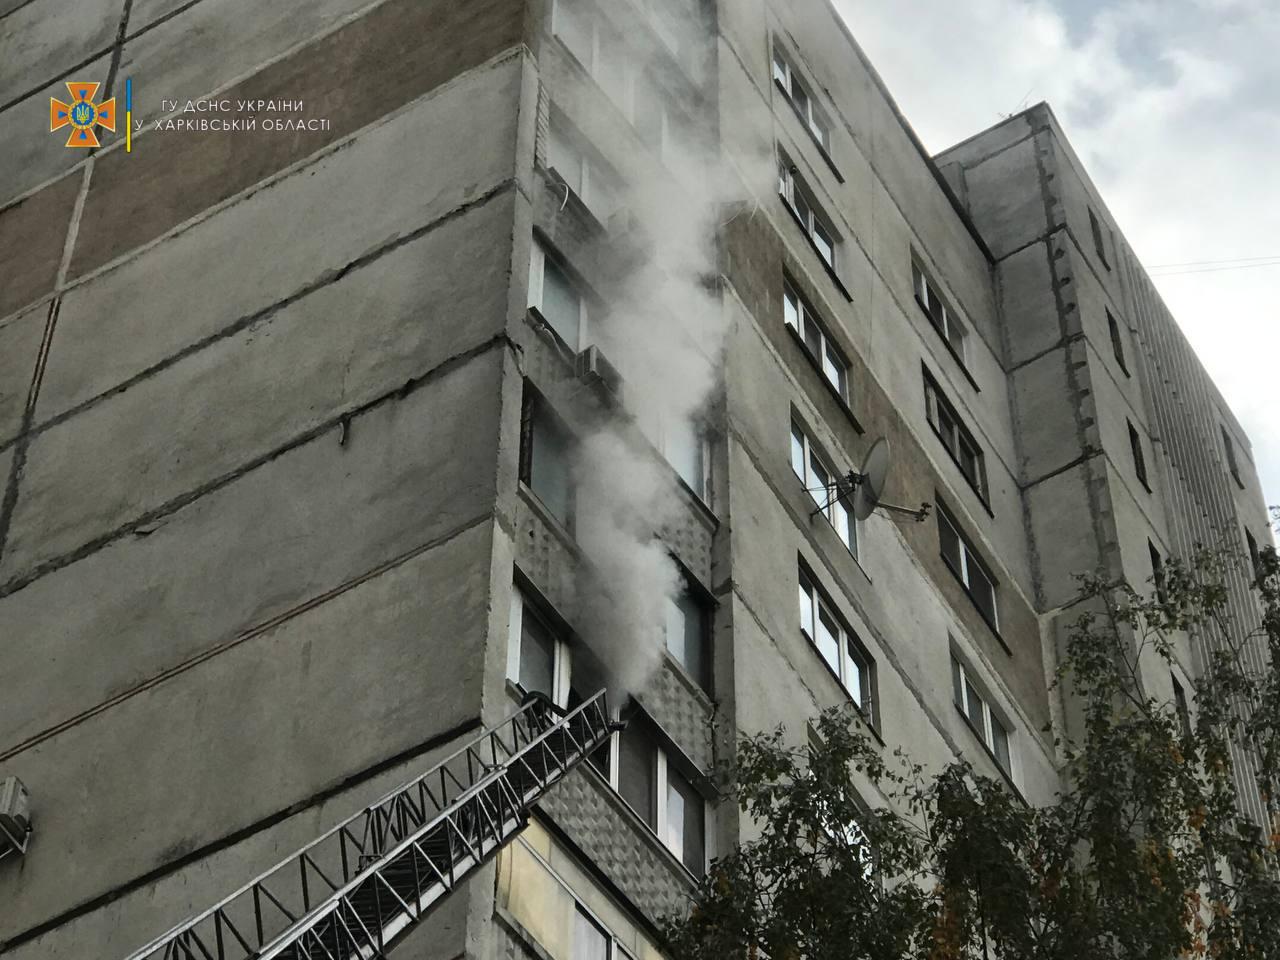 Спасатели погасили пожар в многоэтажке в Харькове (фото)